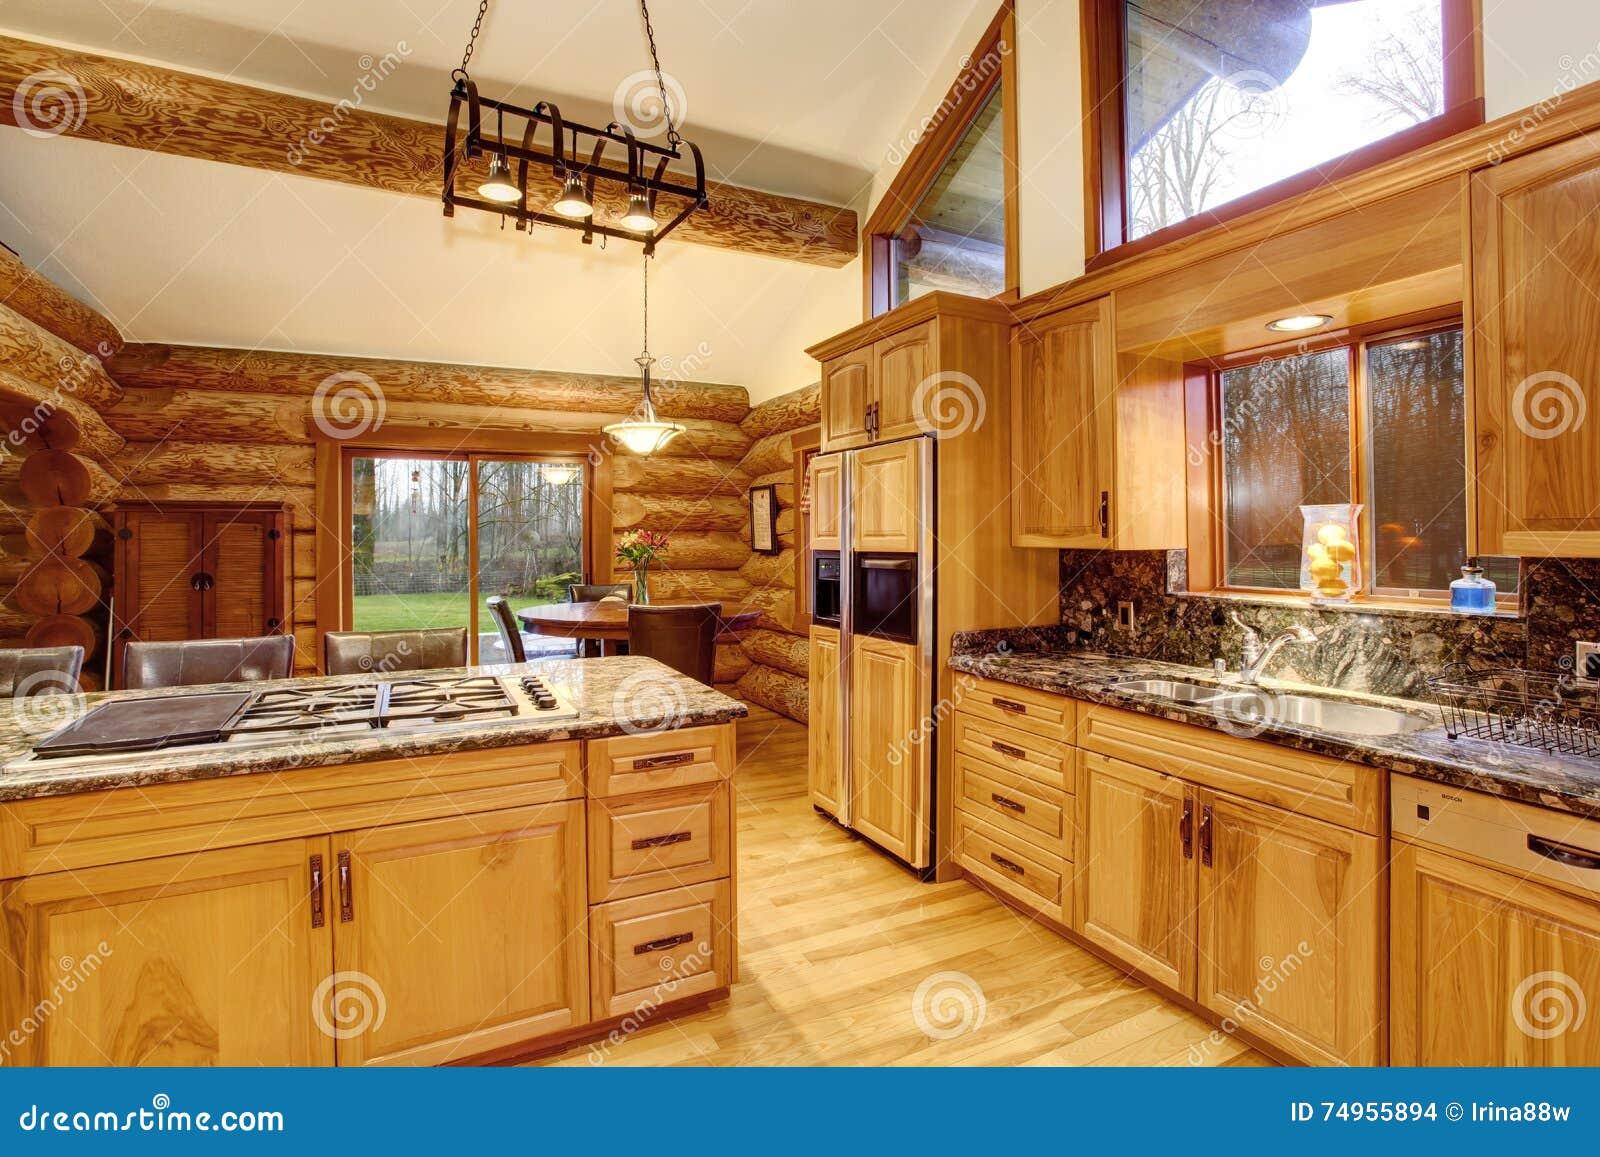 Cocina De La Cabaña De Madera E Interior De La Escalera. Foto de ...